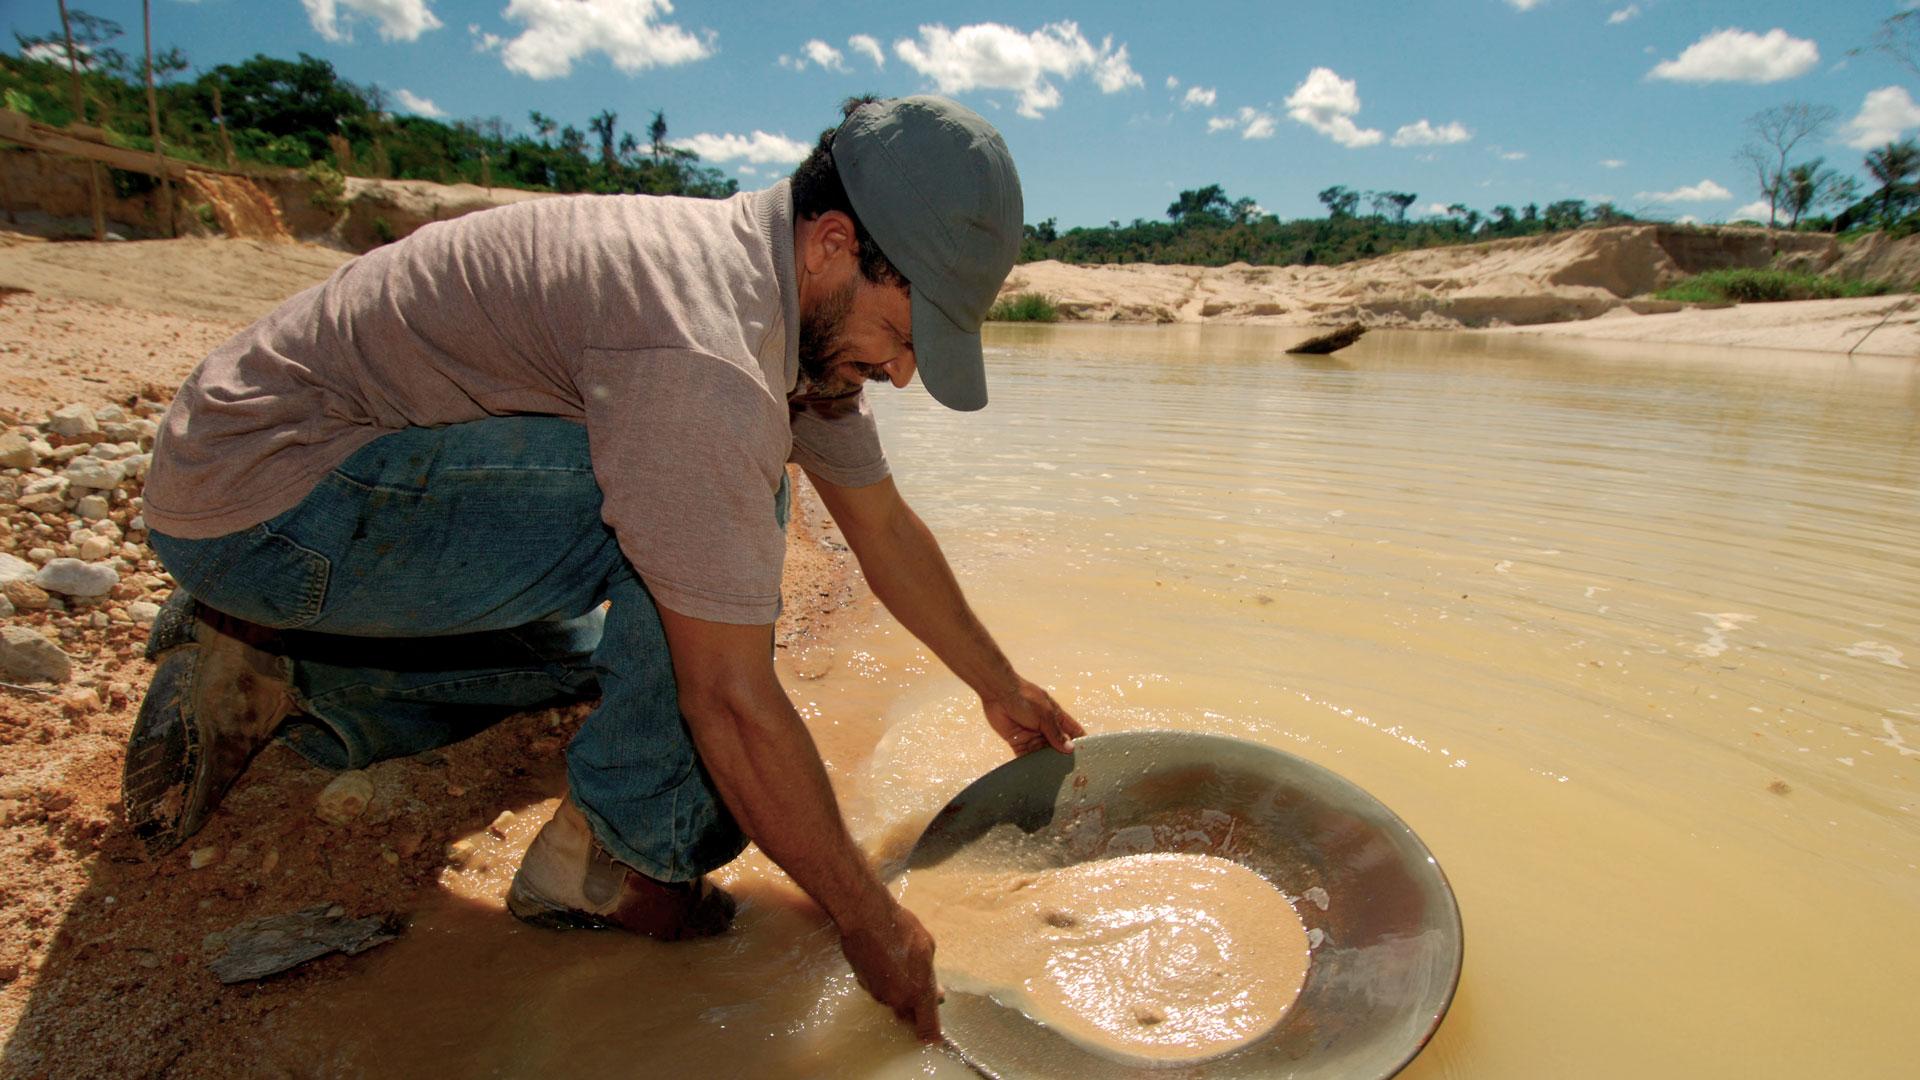 Gold wird noch immer oftmals mit hochgiftigem Quecksilber aus dem Gestein gewaschen. © Zig Koch / WWF